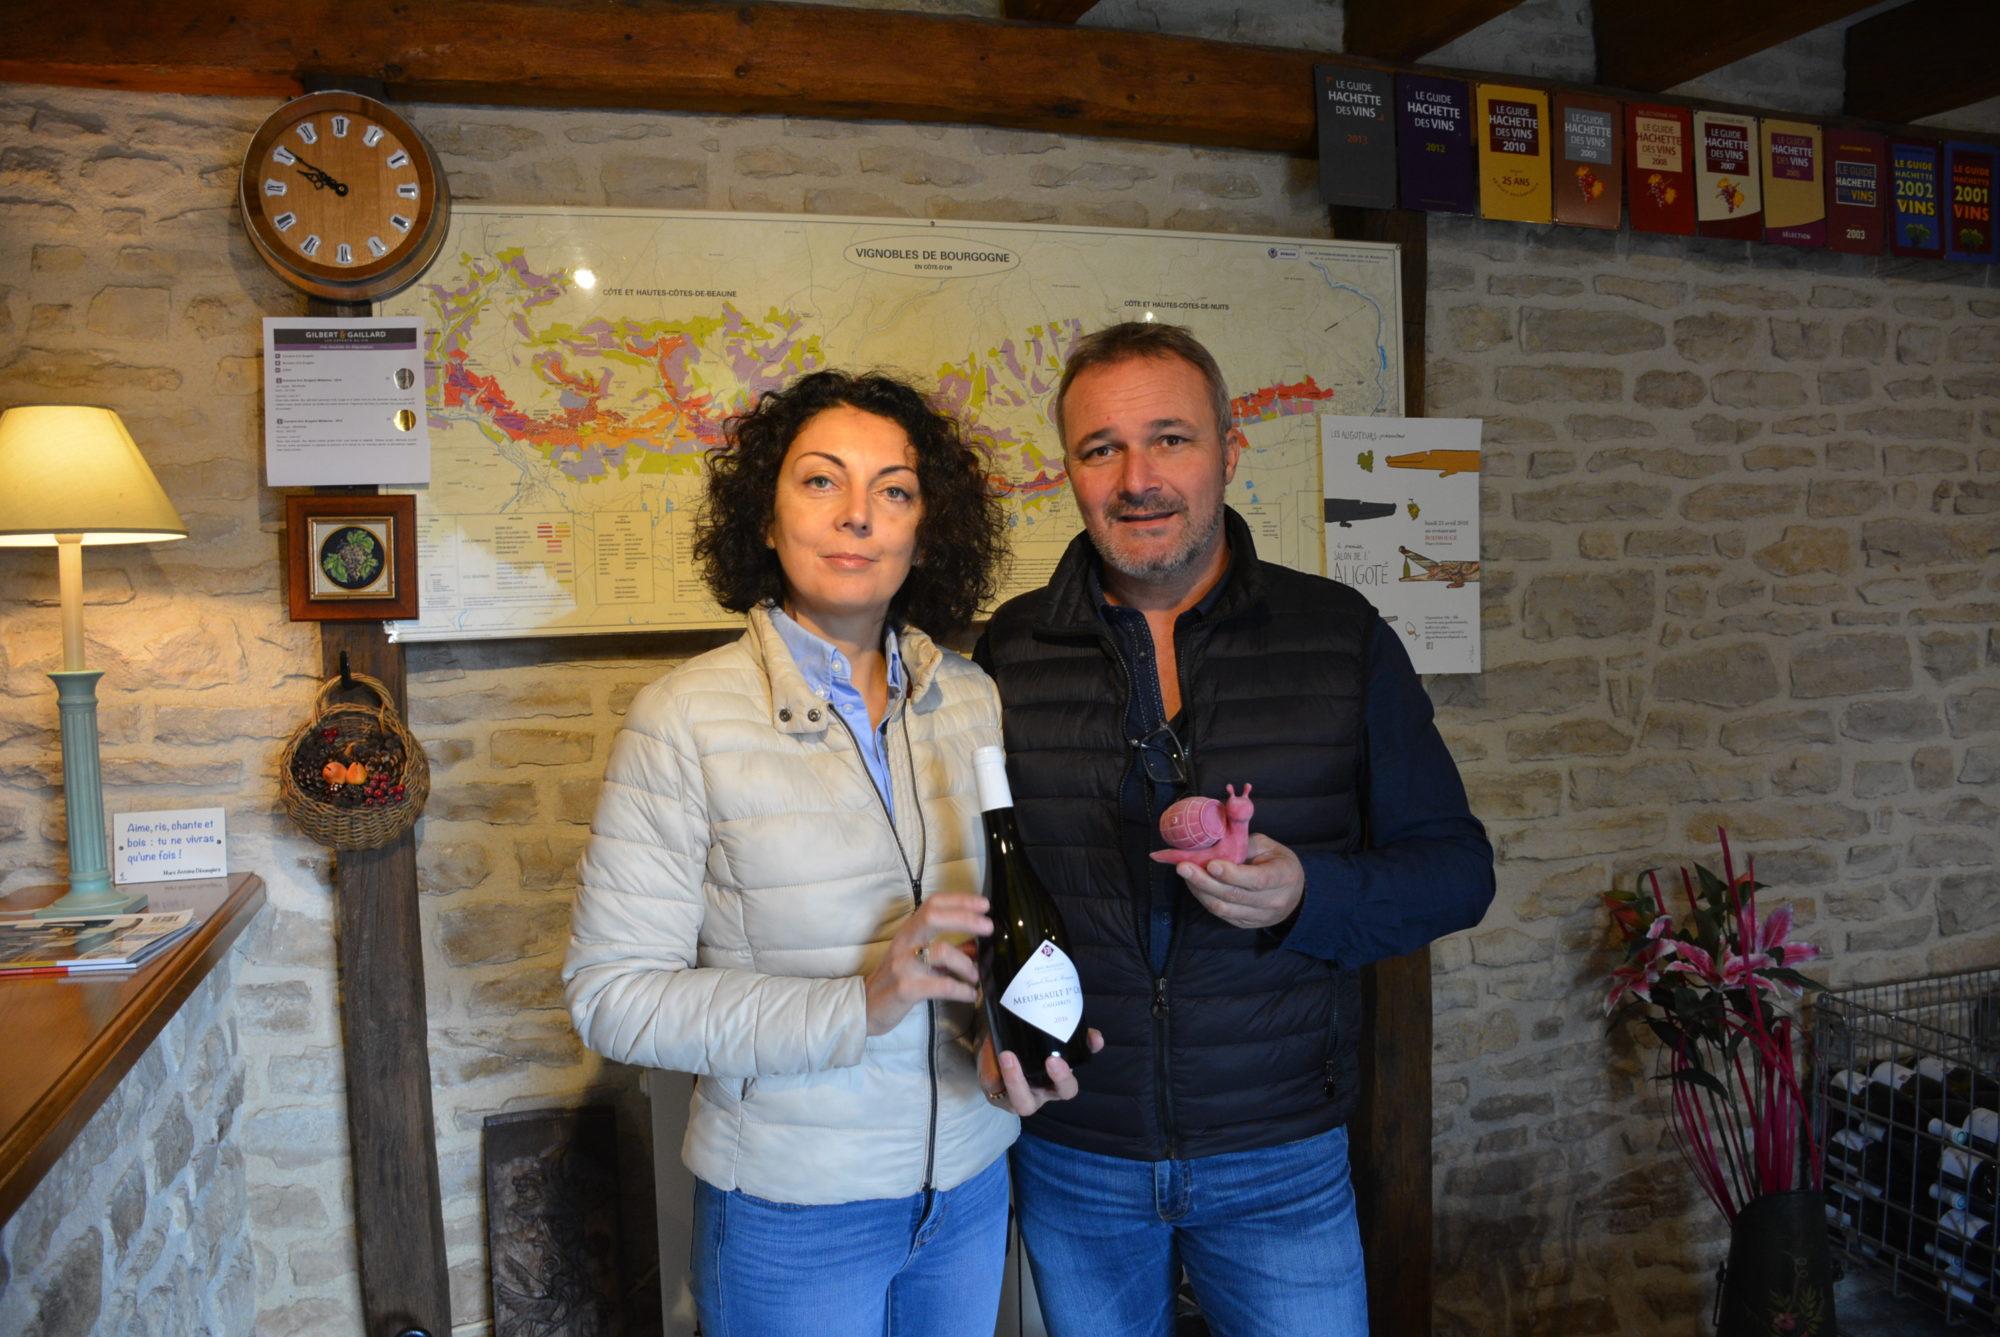 Eric & Patricia Boigelot